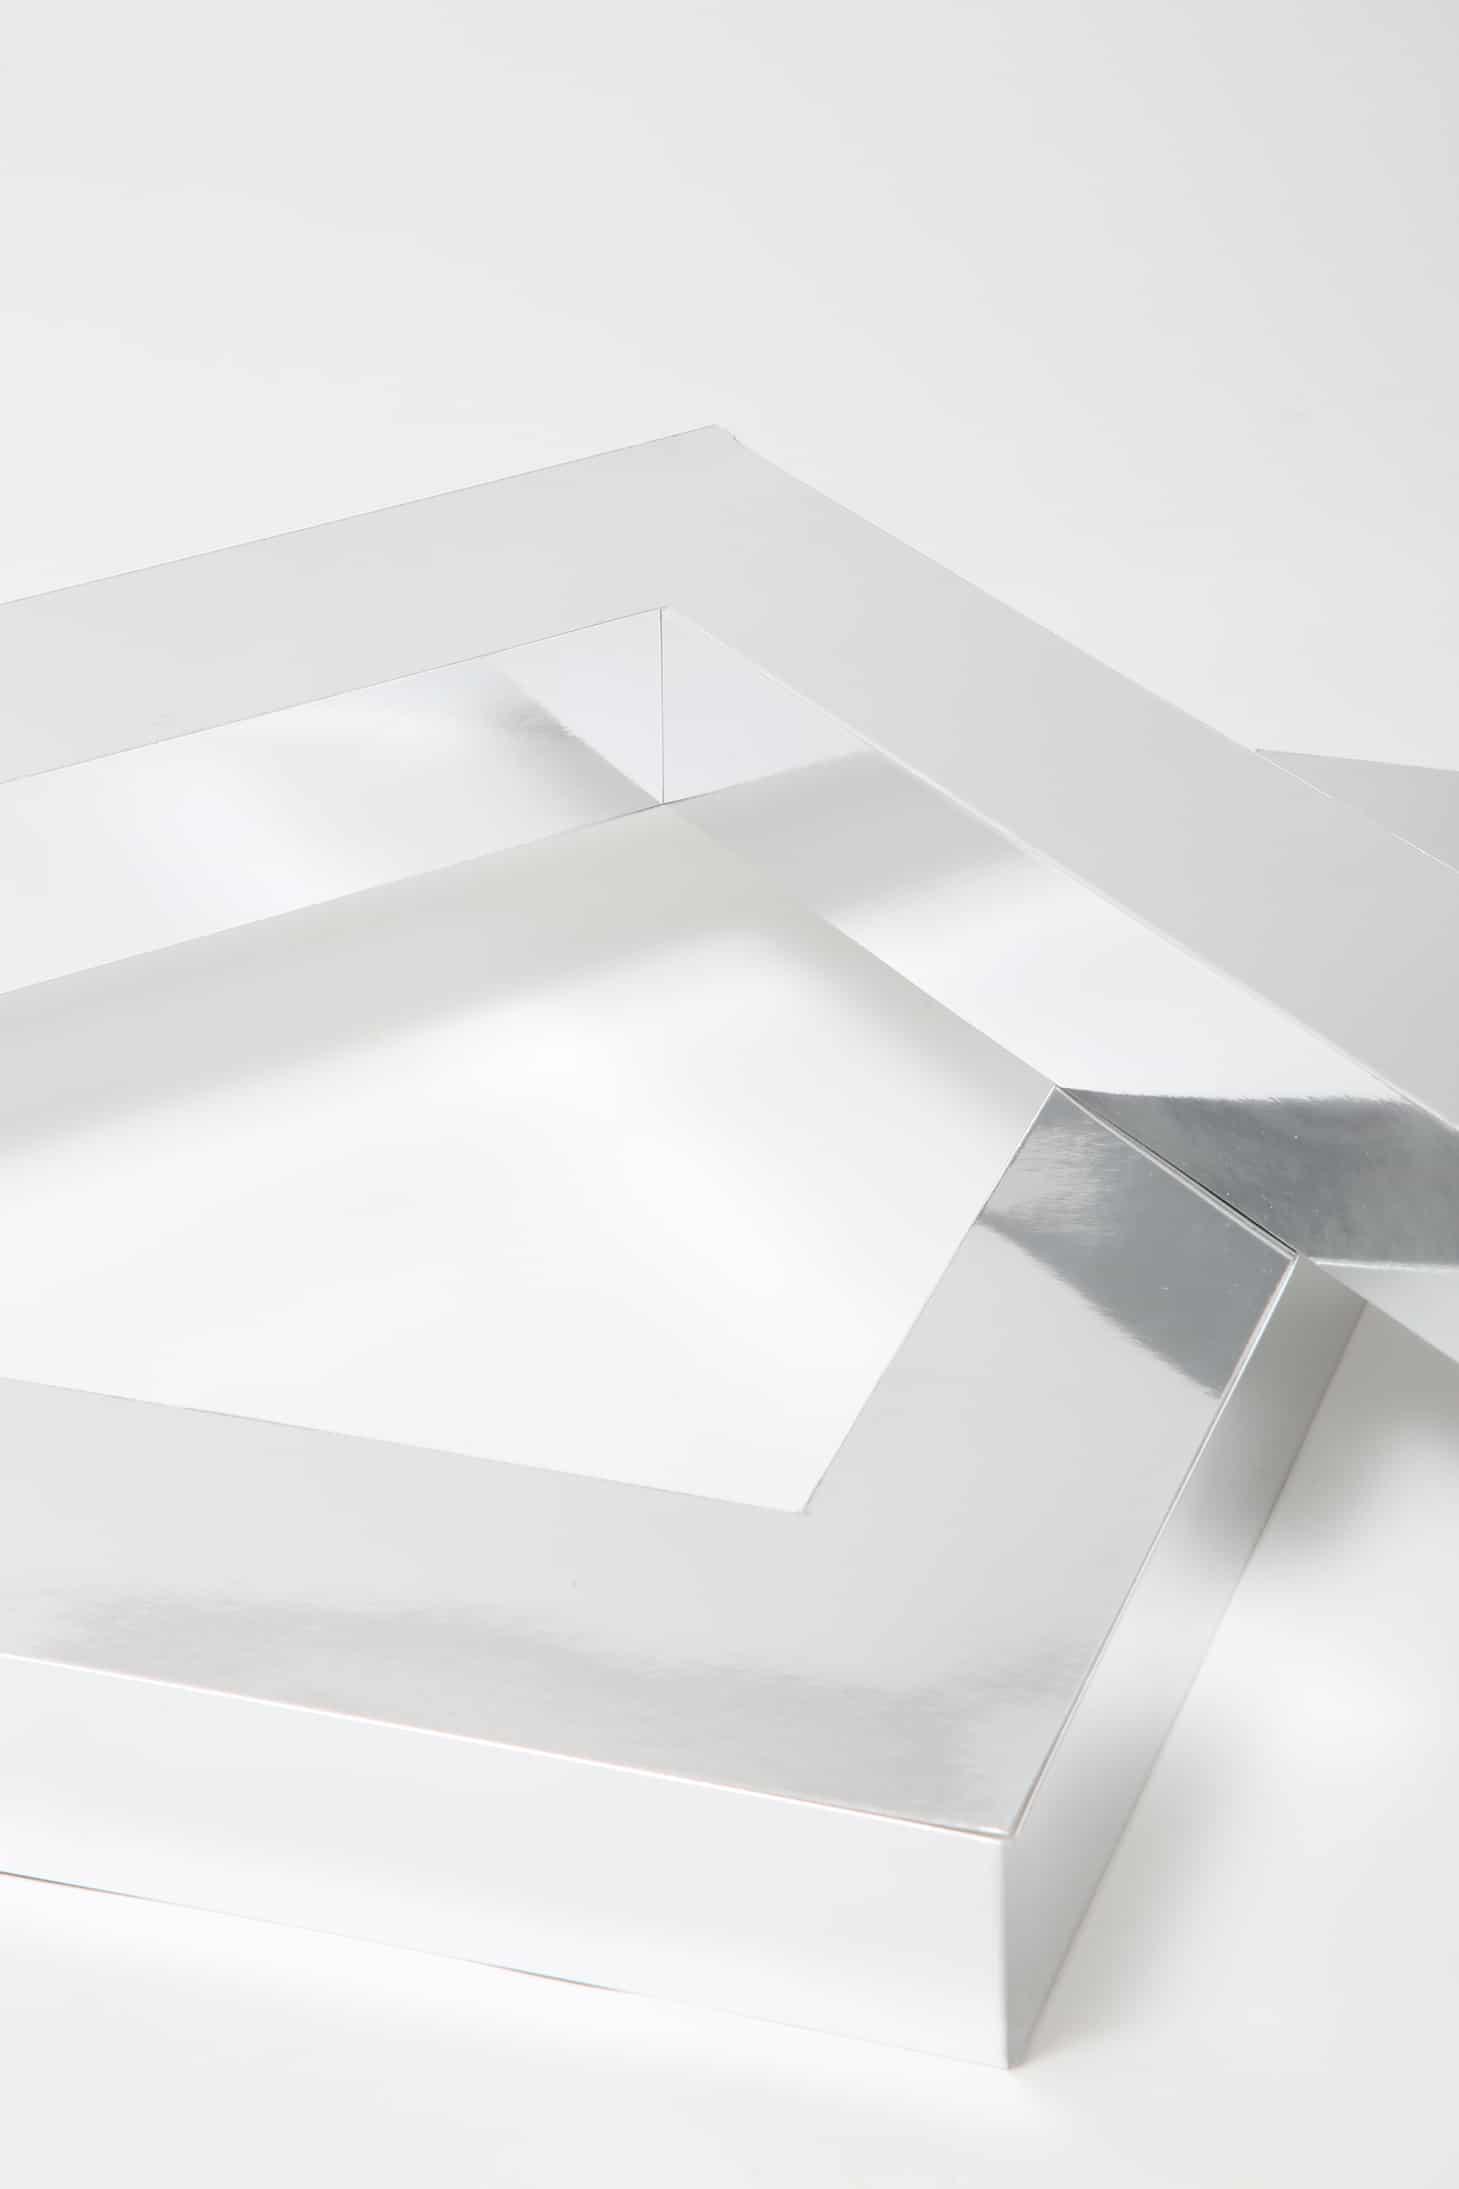 Lanacaprina, L da esposizione con carta Fedrigoni specchiata, dettaglio angoli interni.